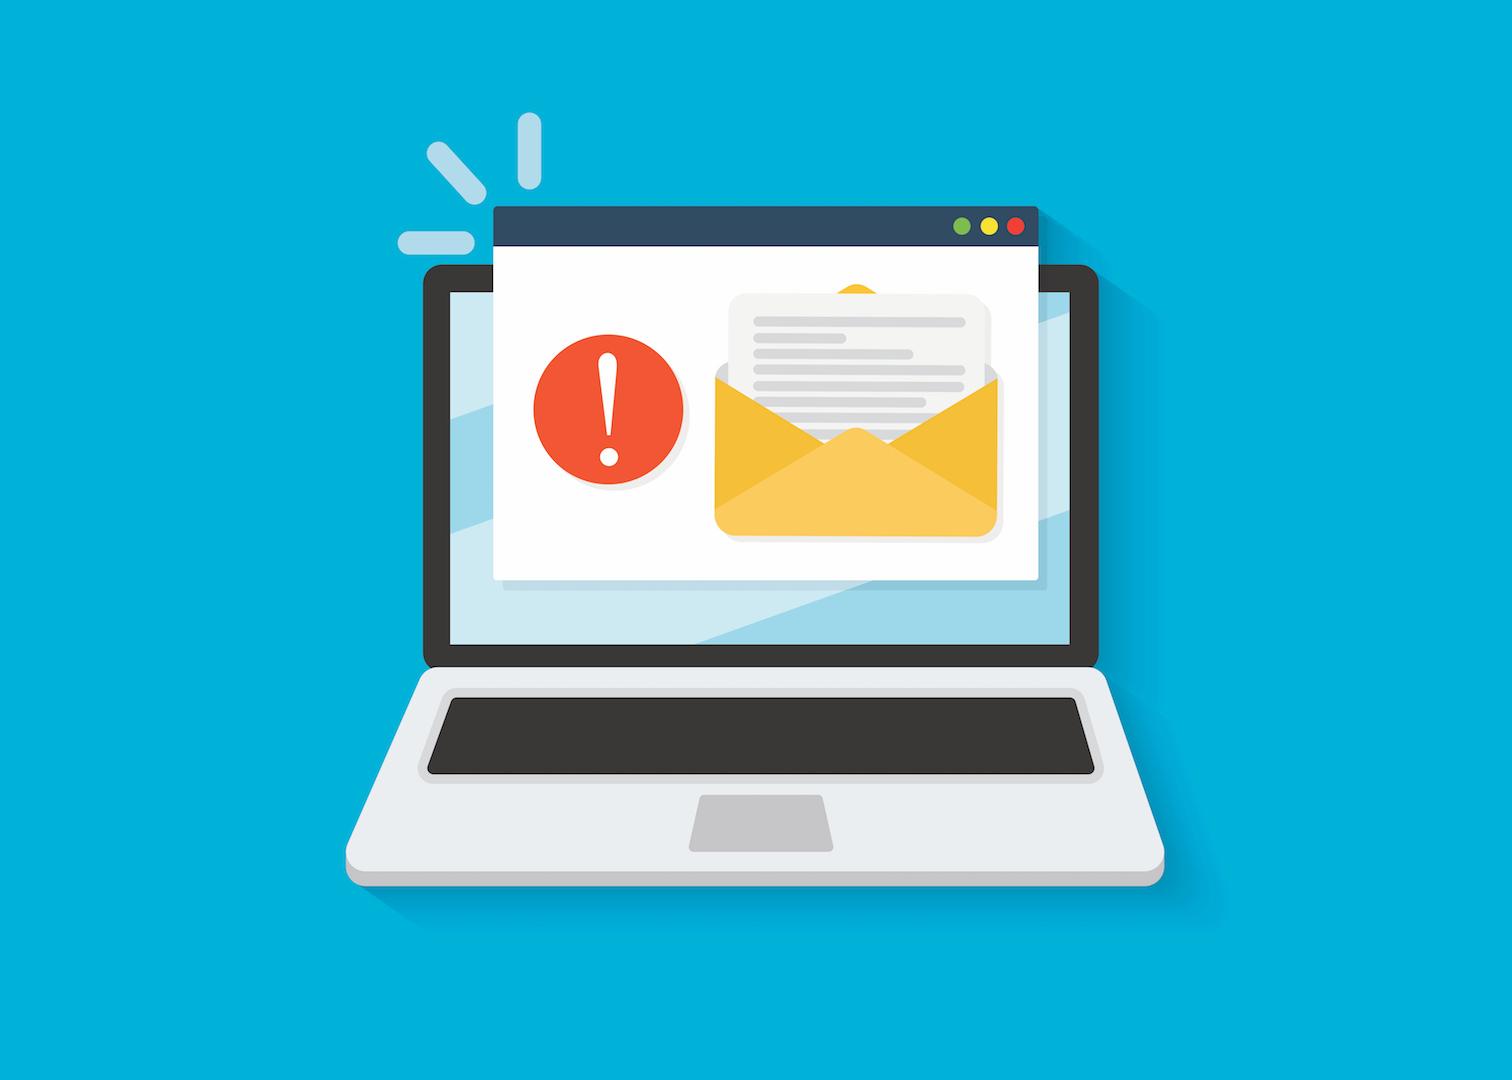 Brug funktionen Service beskeder i Safetickets billetsystem til at informere dine billetkøbere.